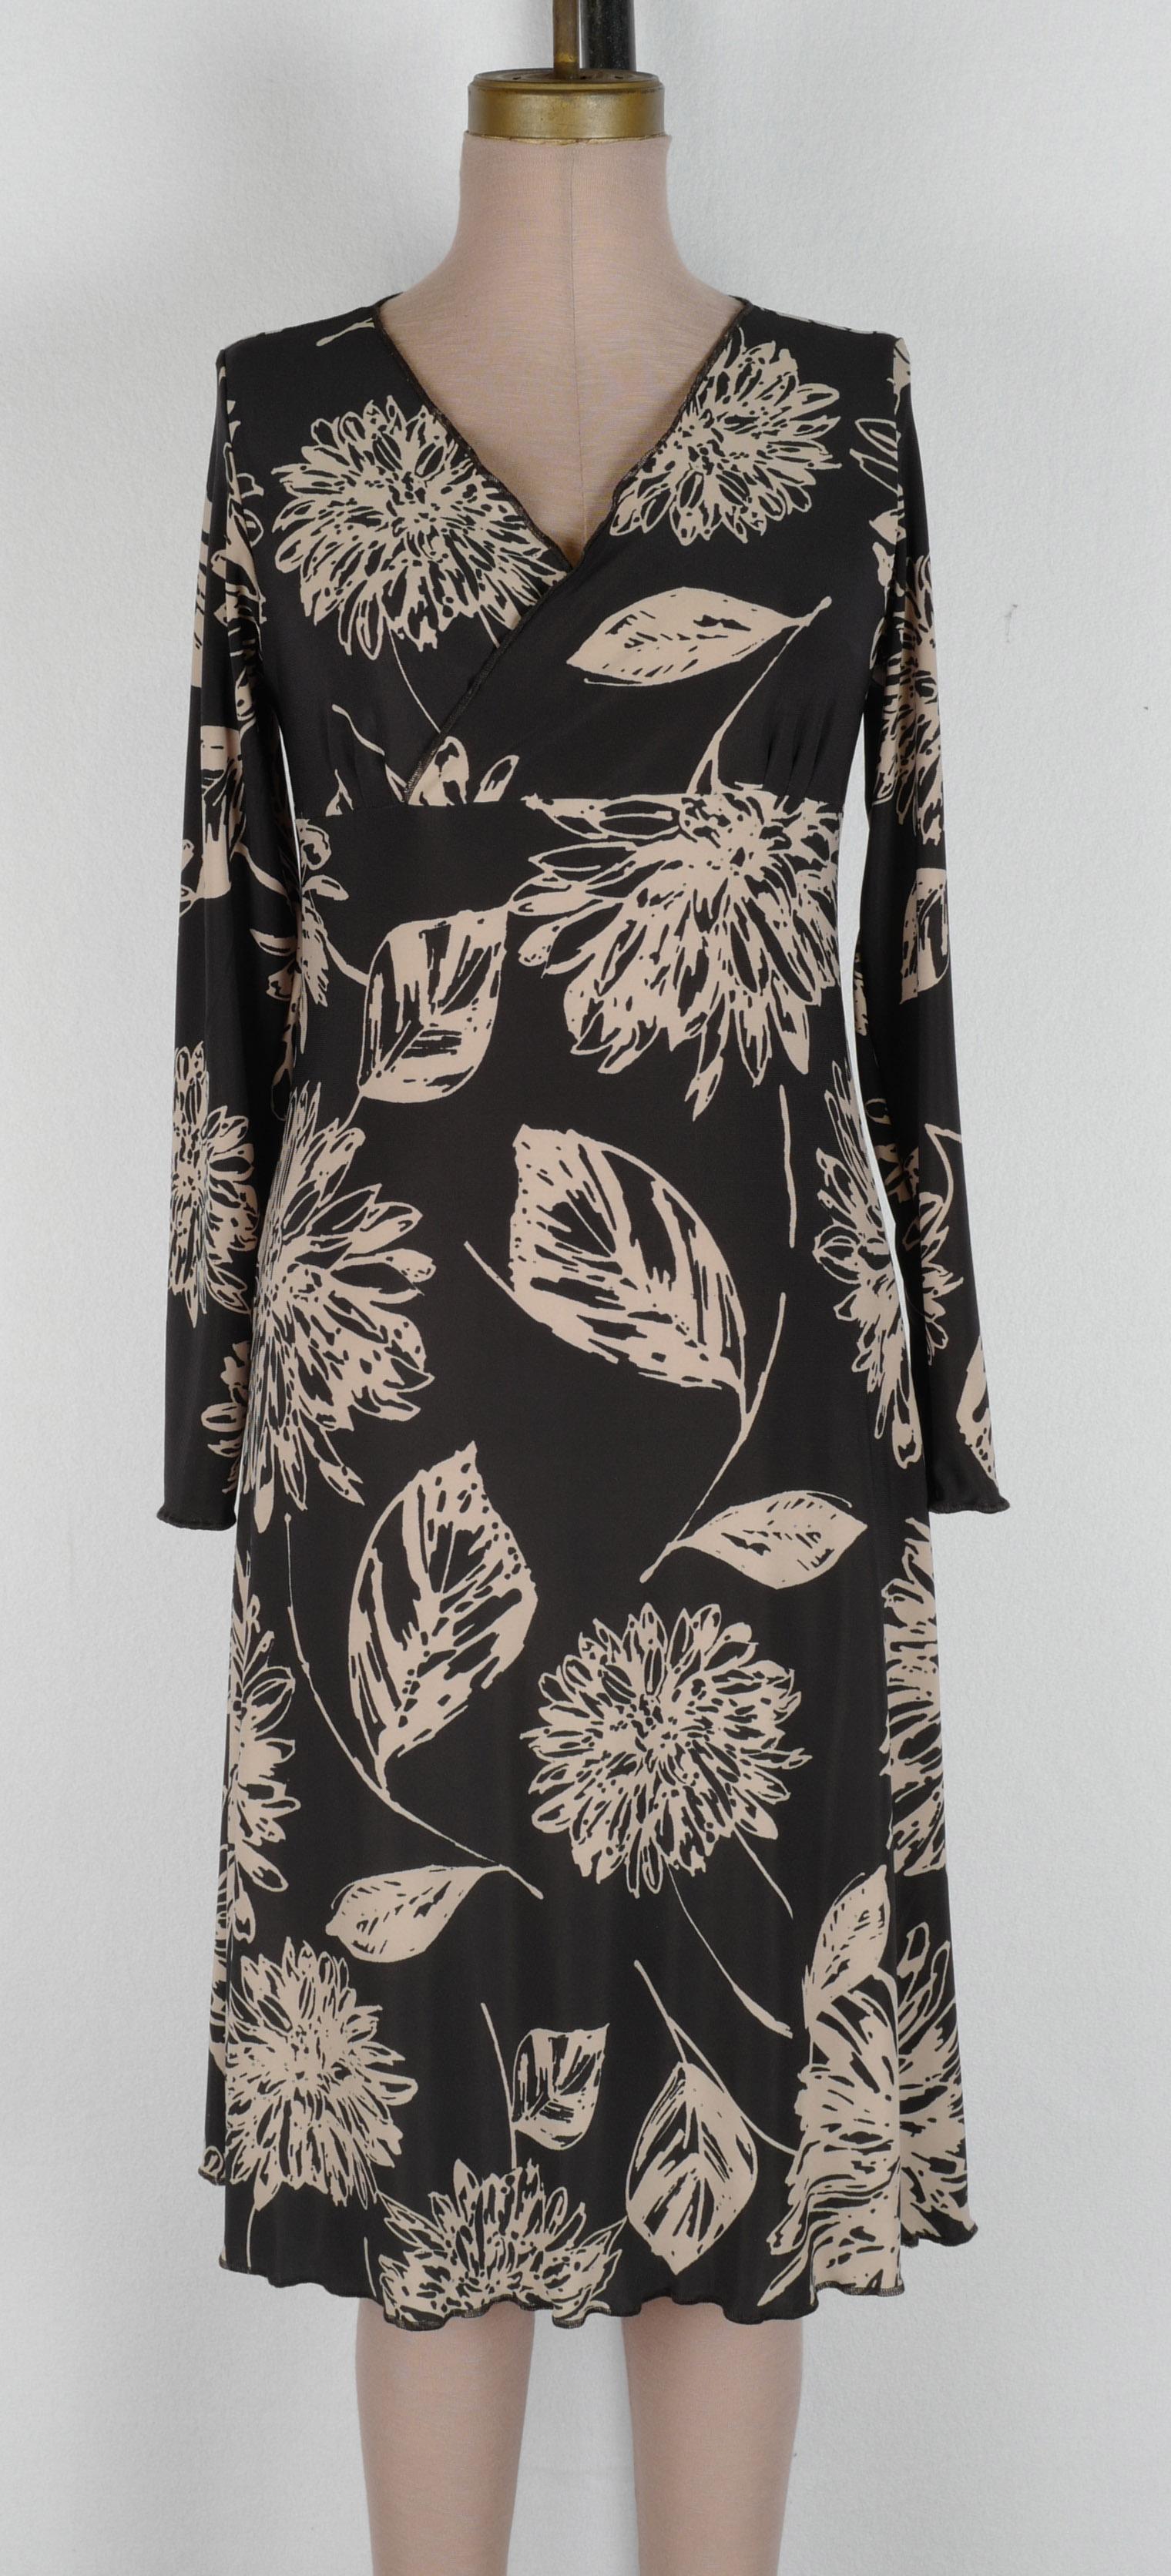 Black Tan Big Crysanthemum Wrap Dress 2019 cropped.jpg